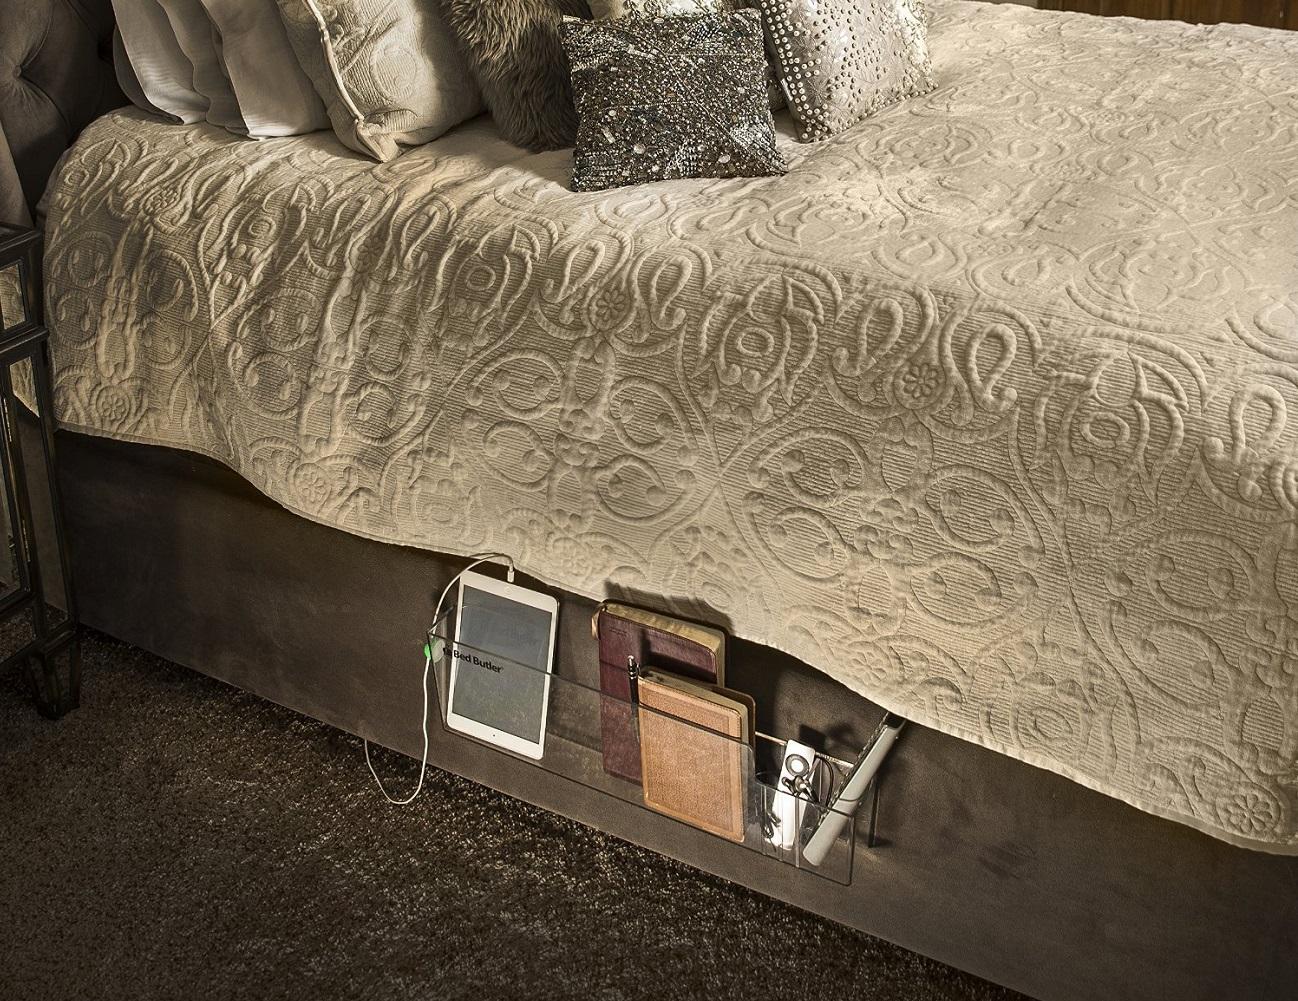 Bed+Butler+Bedside+Caddy